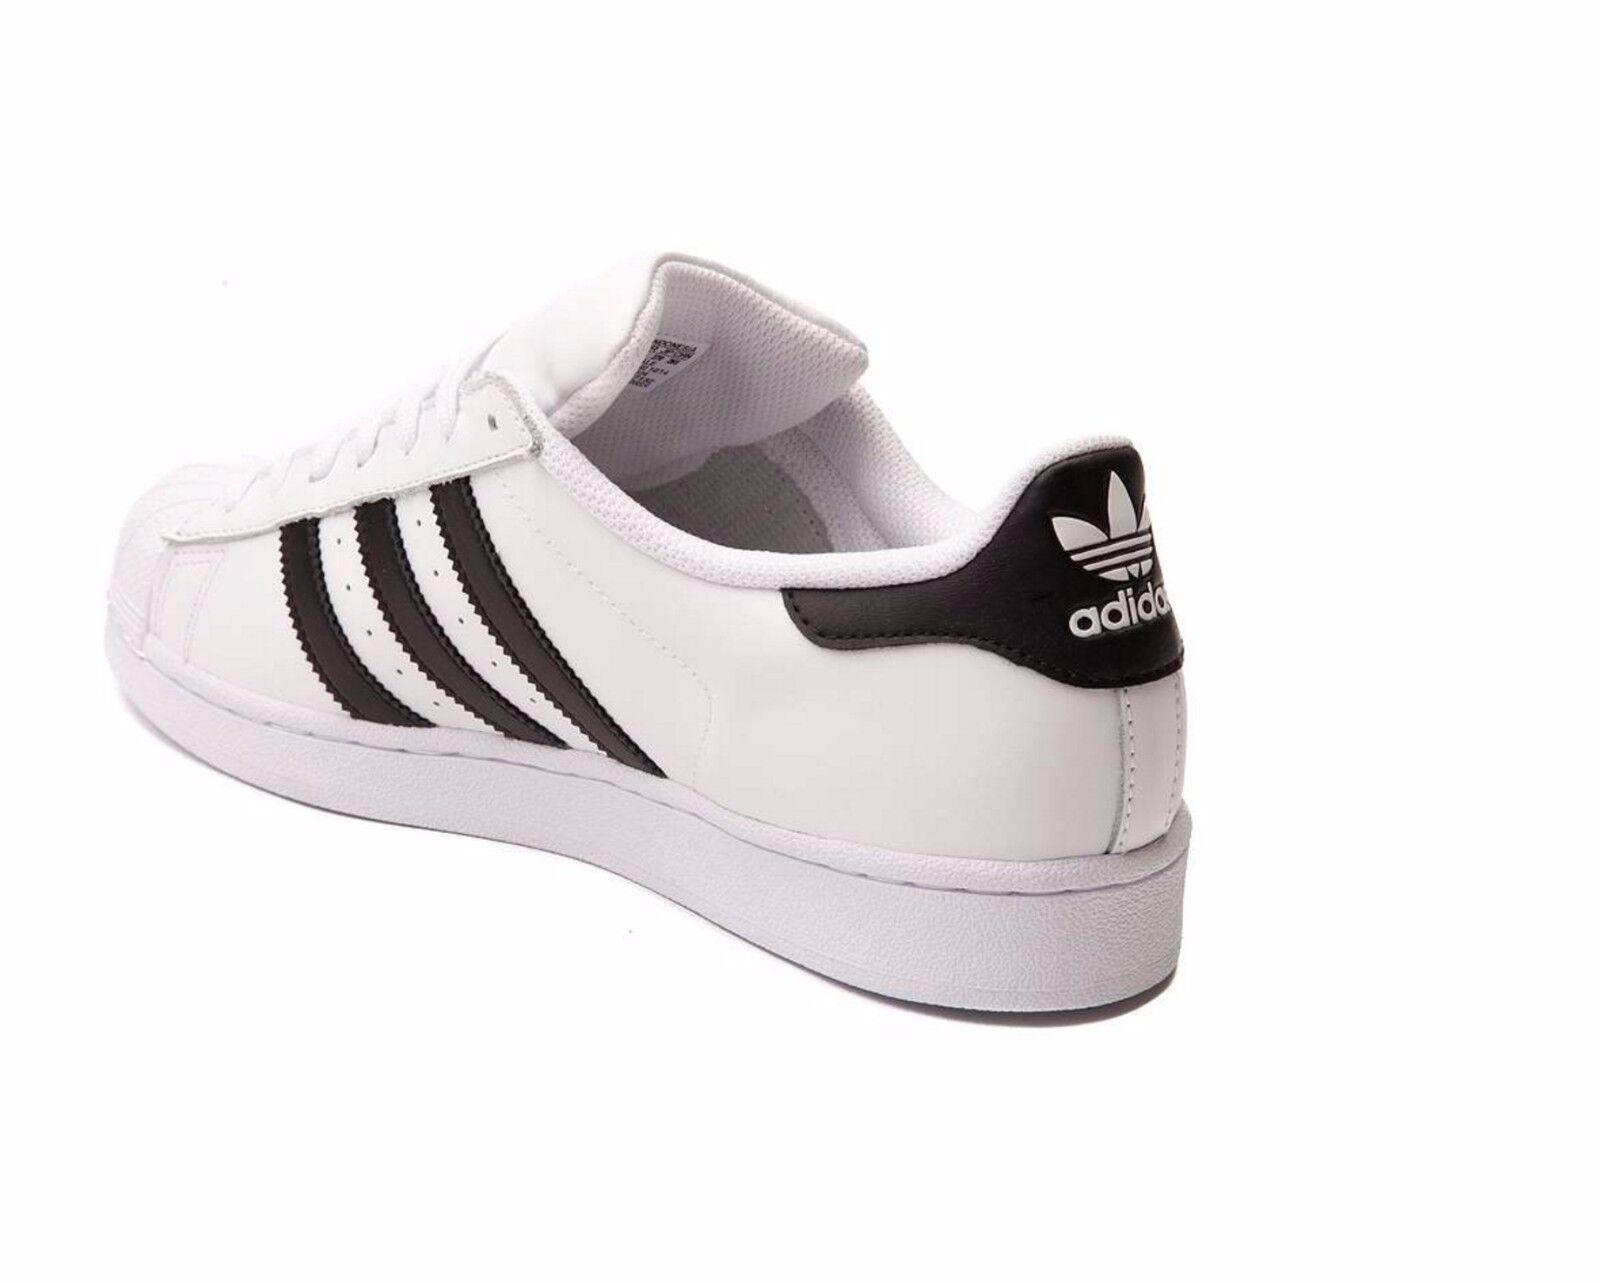 Neue adidas originals premium - superstar schuh ii 2 shelltoe sportliche schuh superstar männer alle größen 8d6b74